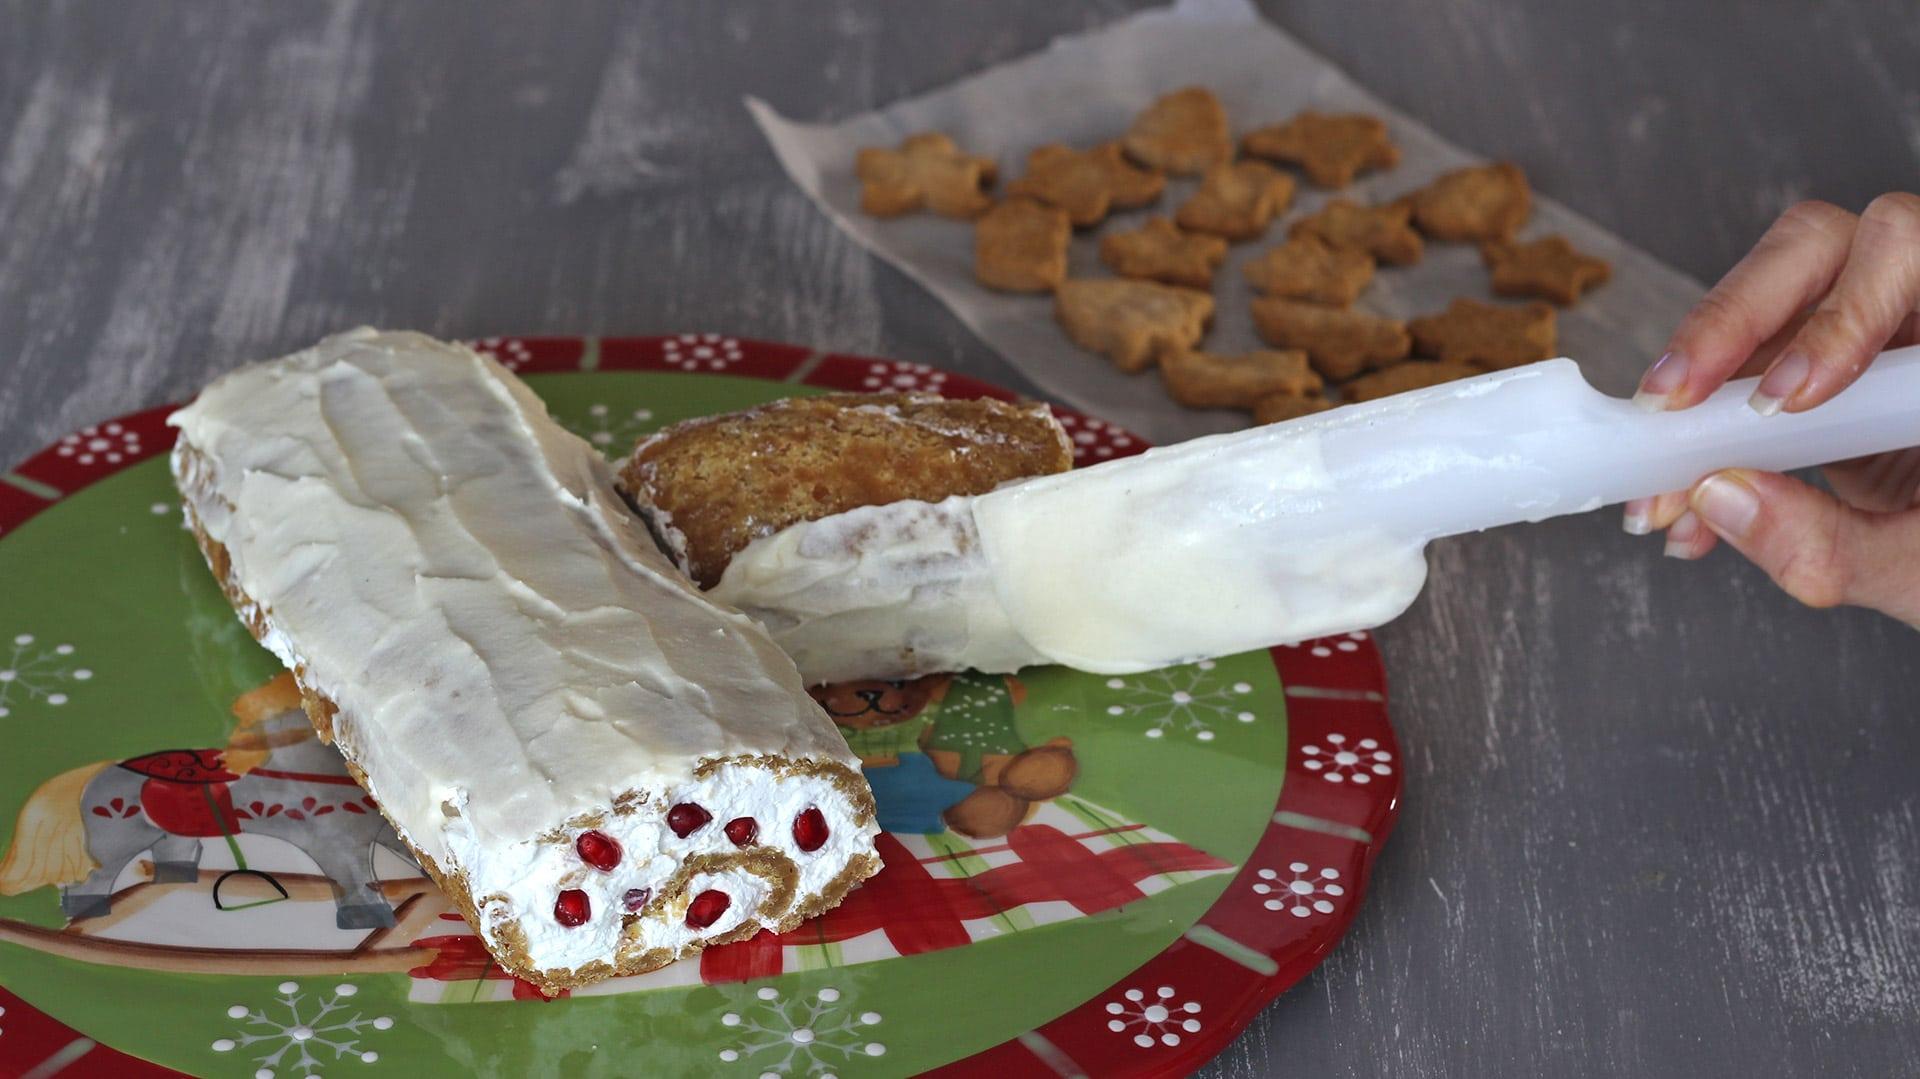 Tronchetto Di Natale Vegano.Tronchetto Di Natale Speziato